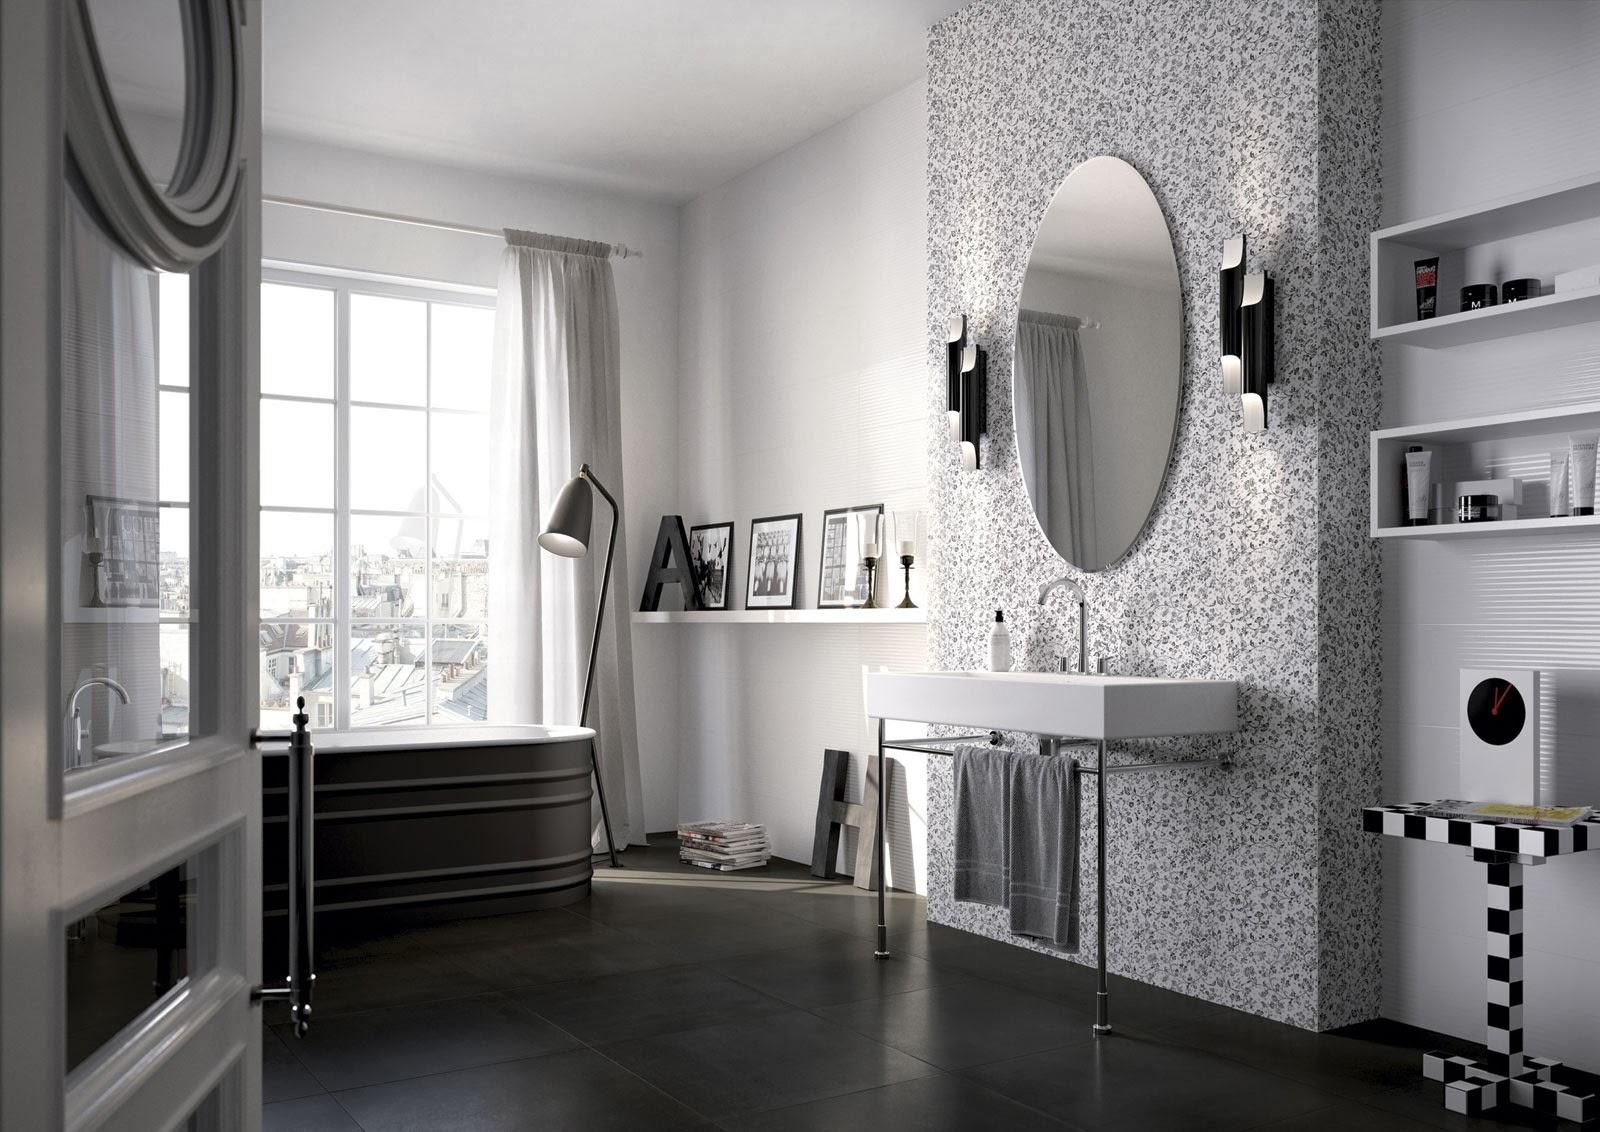 Home garden les salles de bains aubade - Aubade vasque salle de bain ...